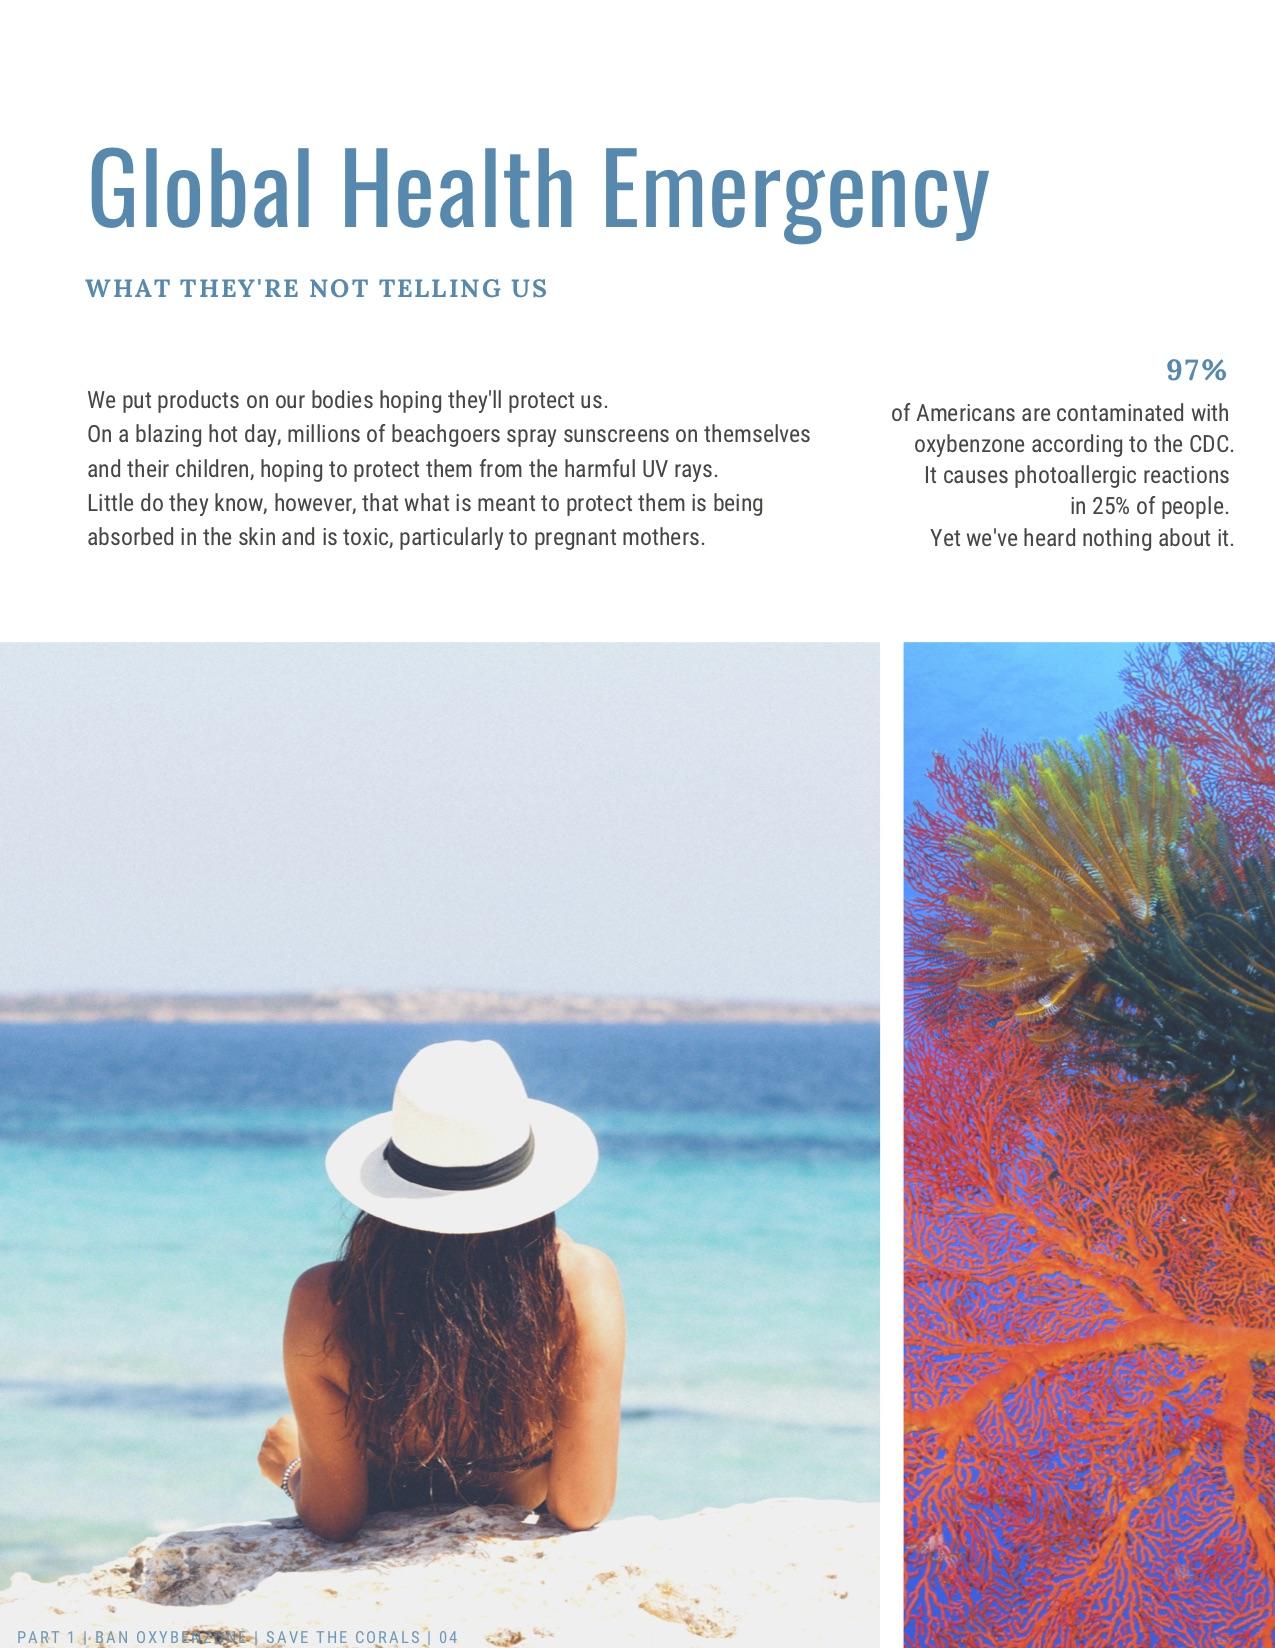 ban-oxybenzone-global-health-emergency-03.jpg